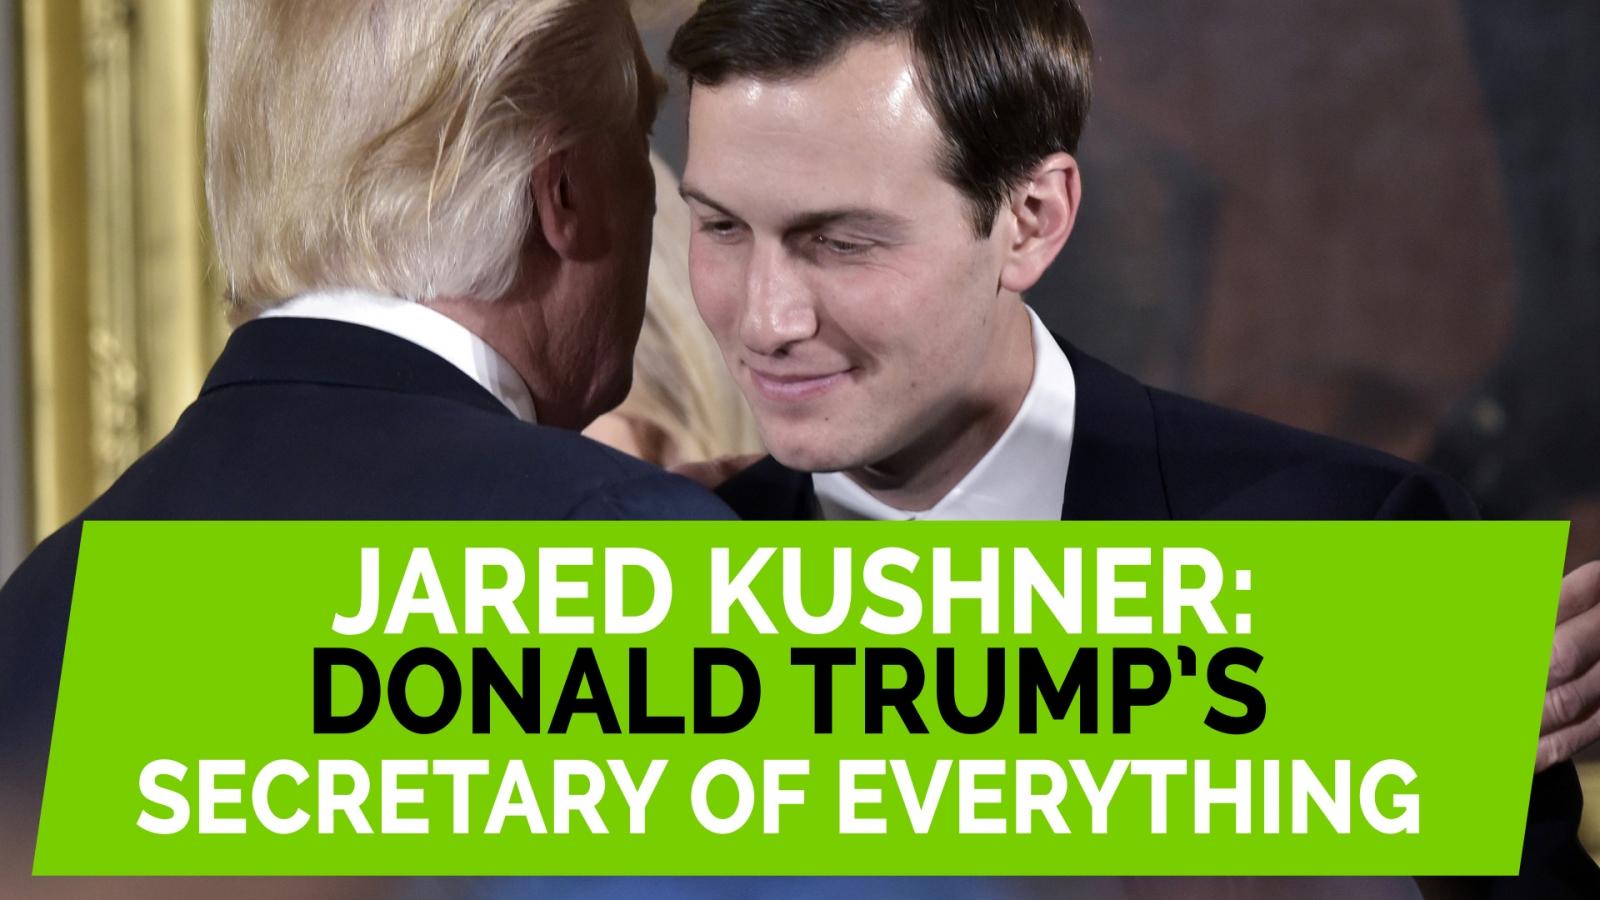 jared-kushner-donald-trumps-secretary-of-everything